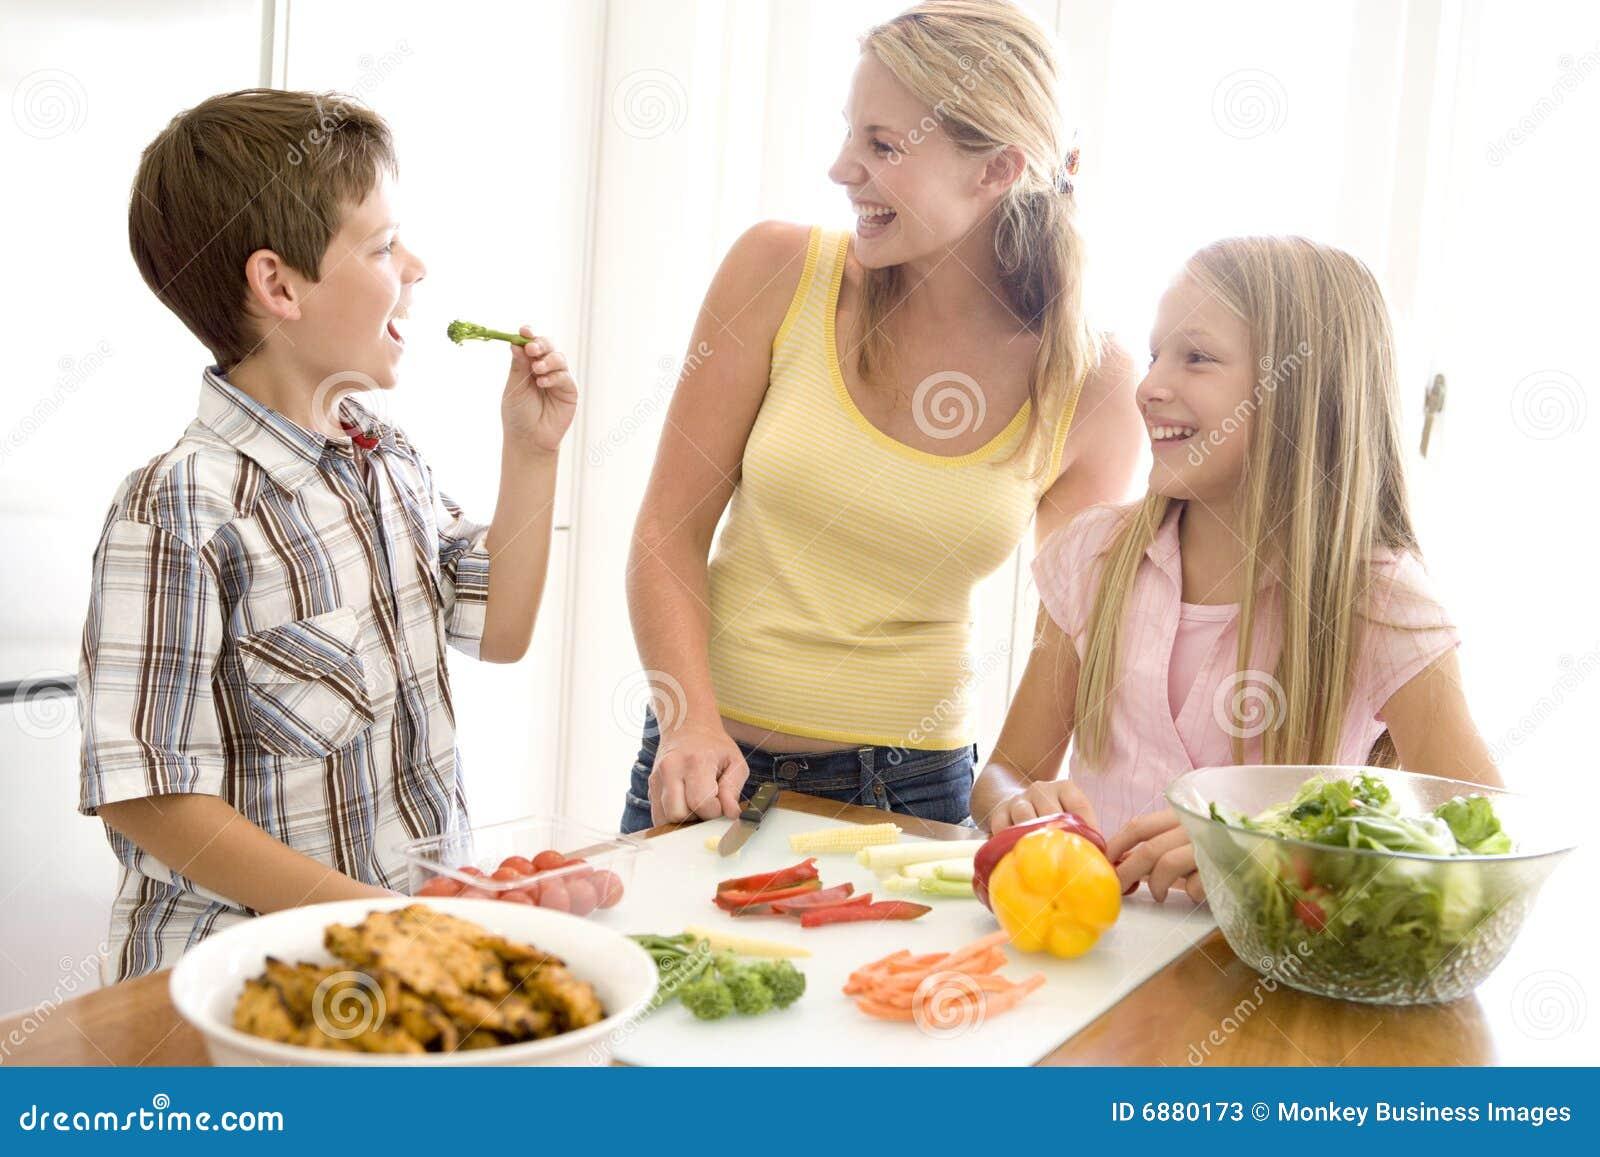 Как приготовить еду детям для мамы